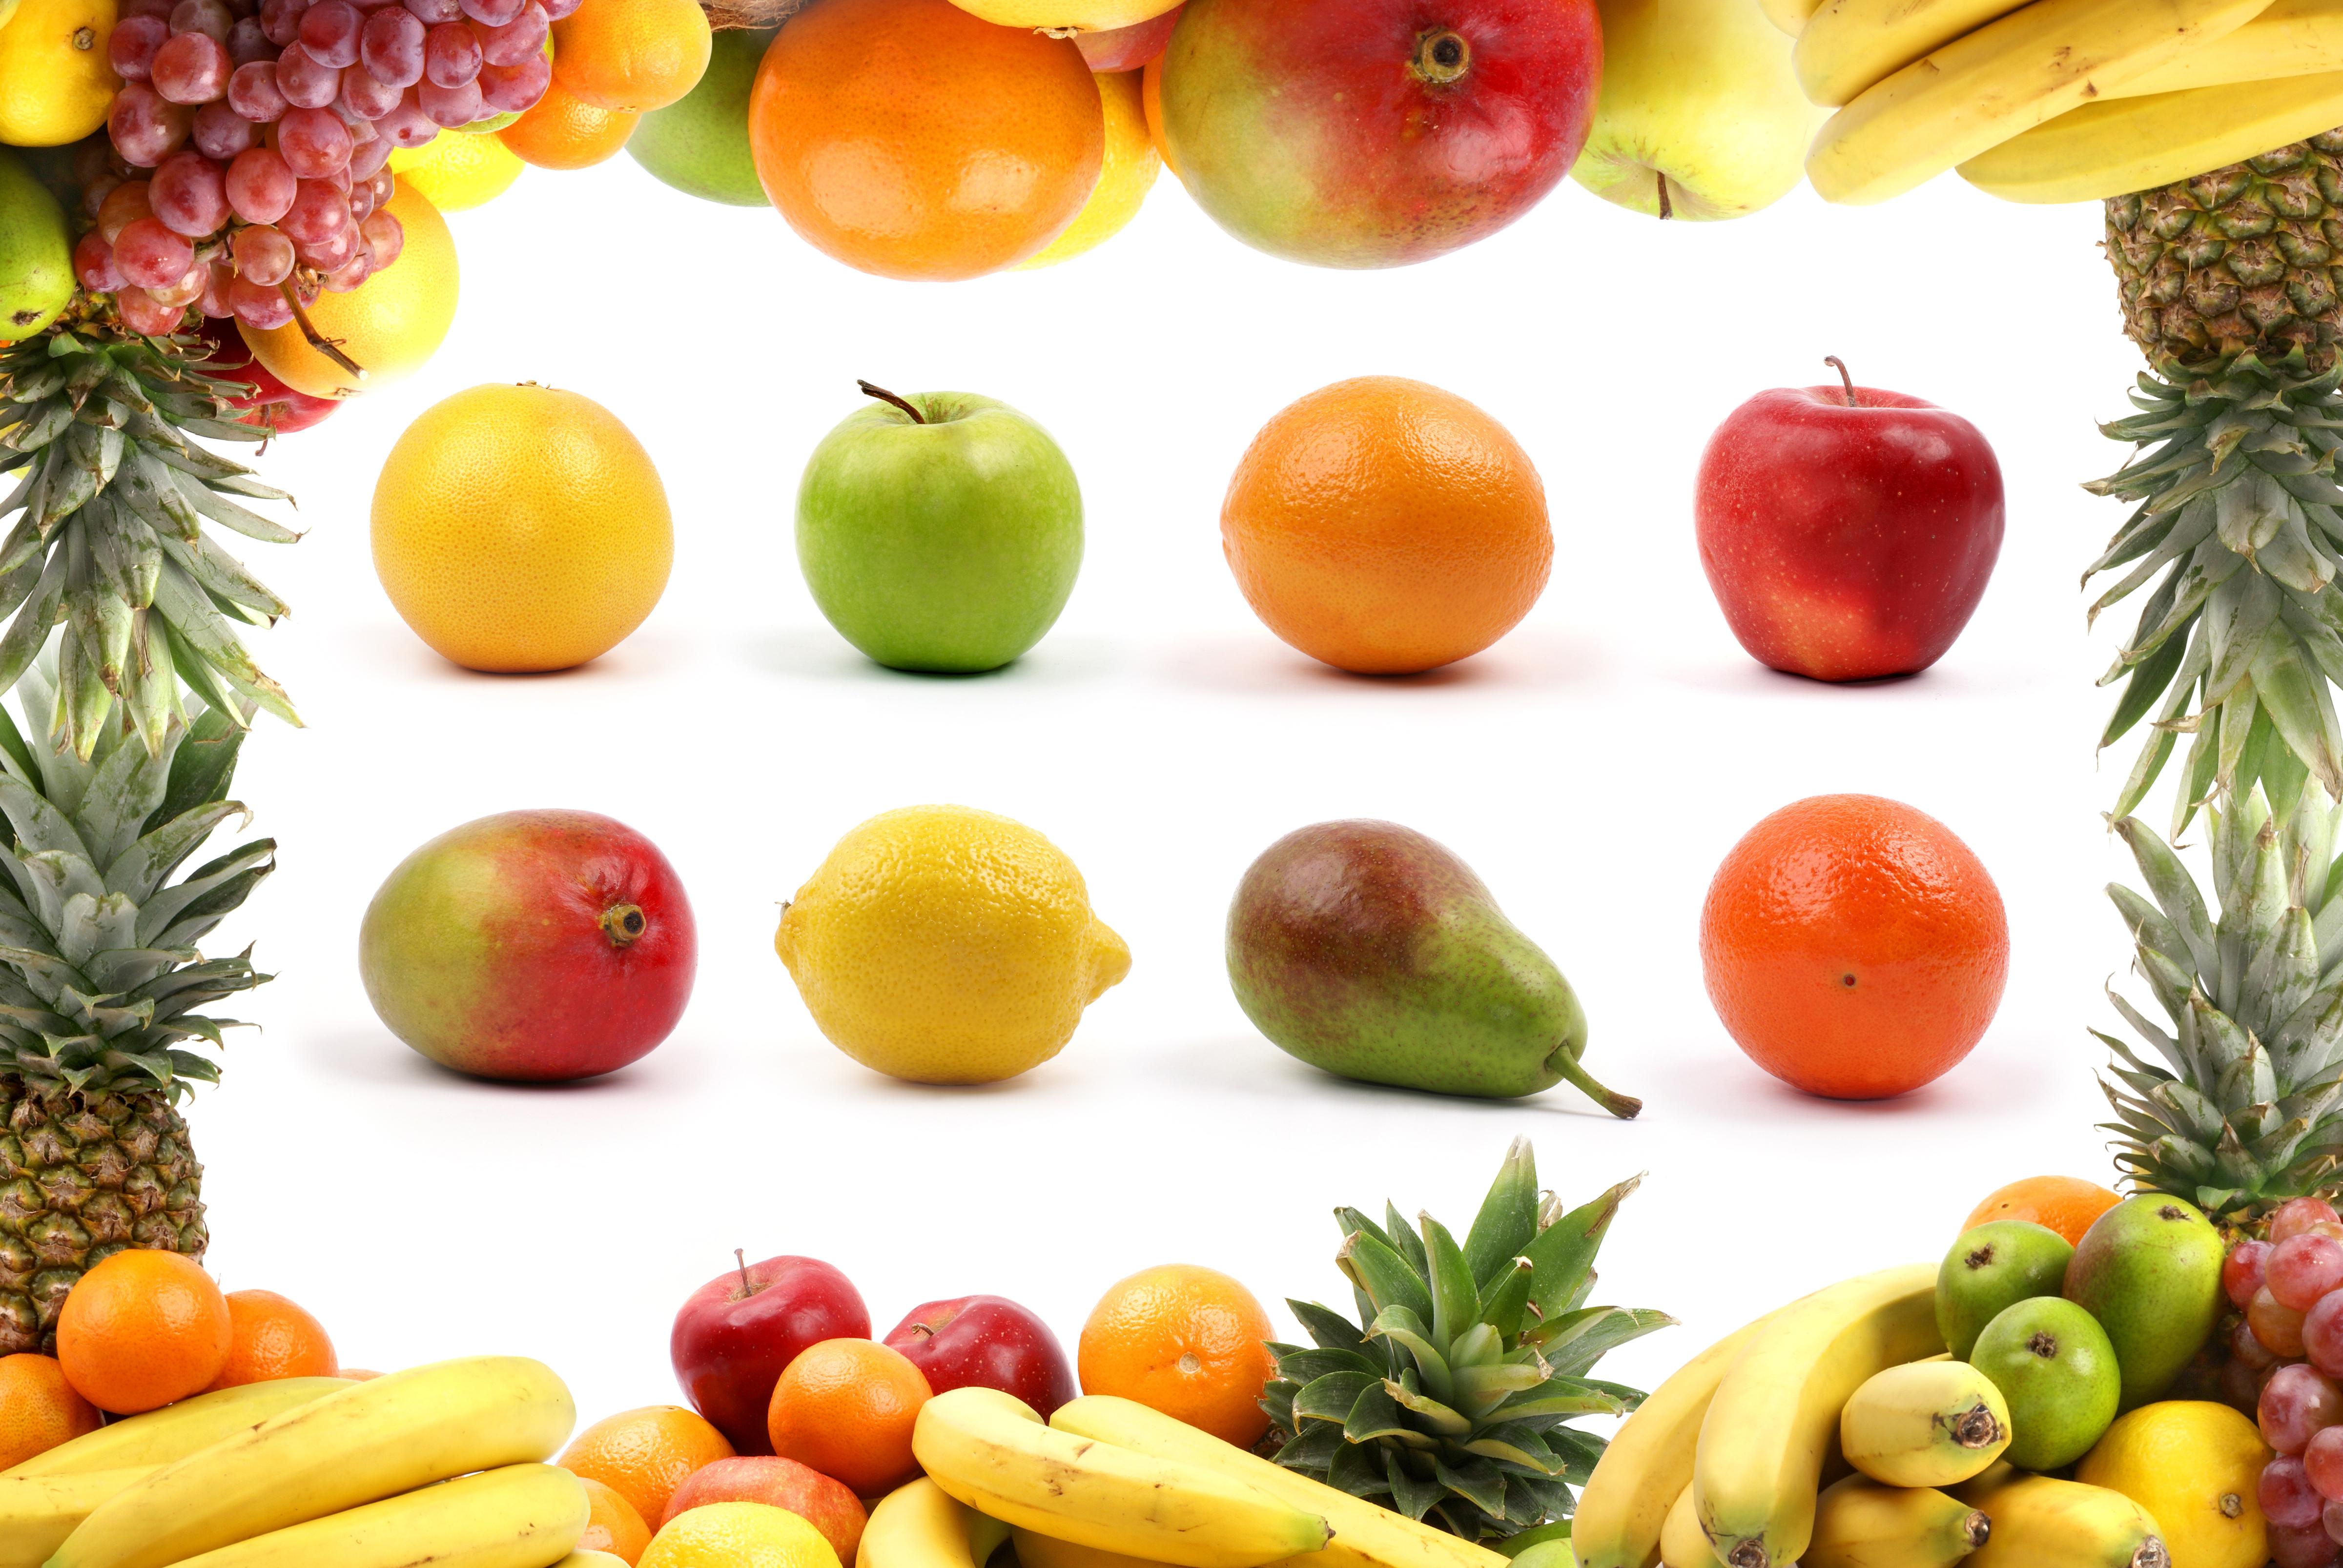 Лимон Яблоко Диета. Яблоки, лимон и имбирь для похудения